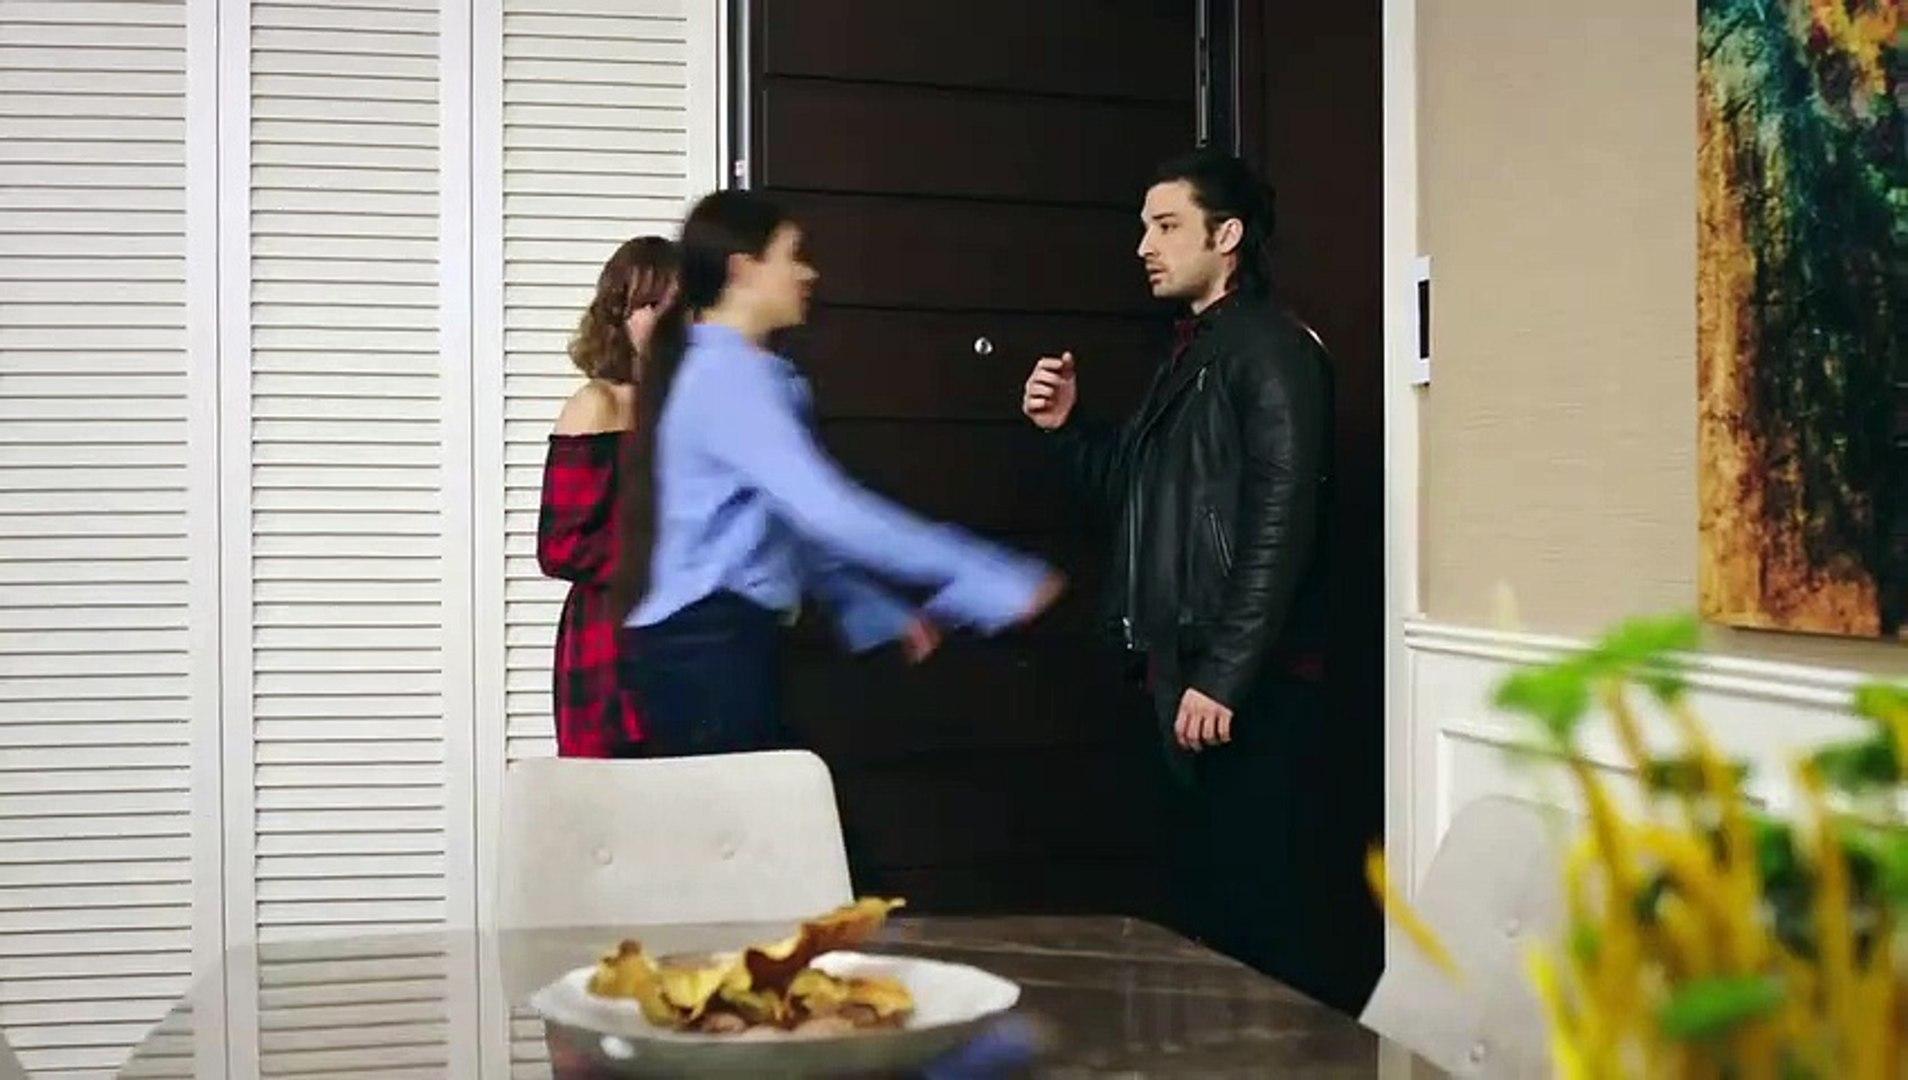 مسلسل زهرة الثالوث مترجم للعربية - الحلقة 23 - الجزء 2